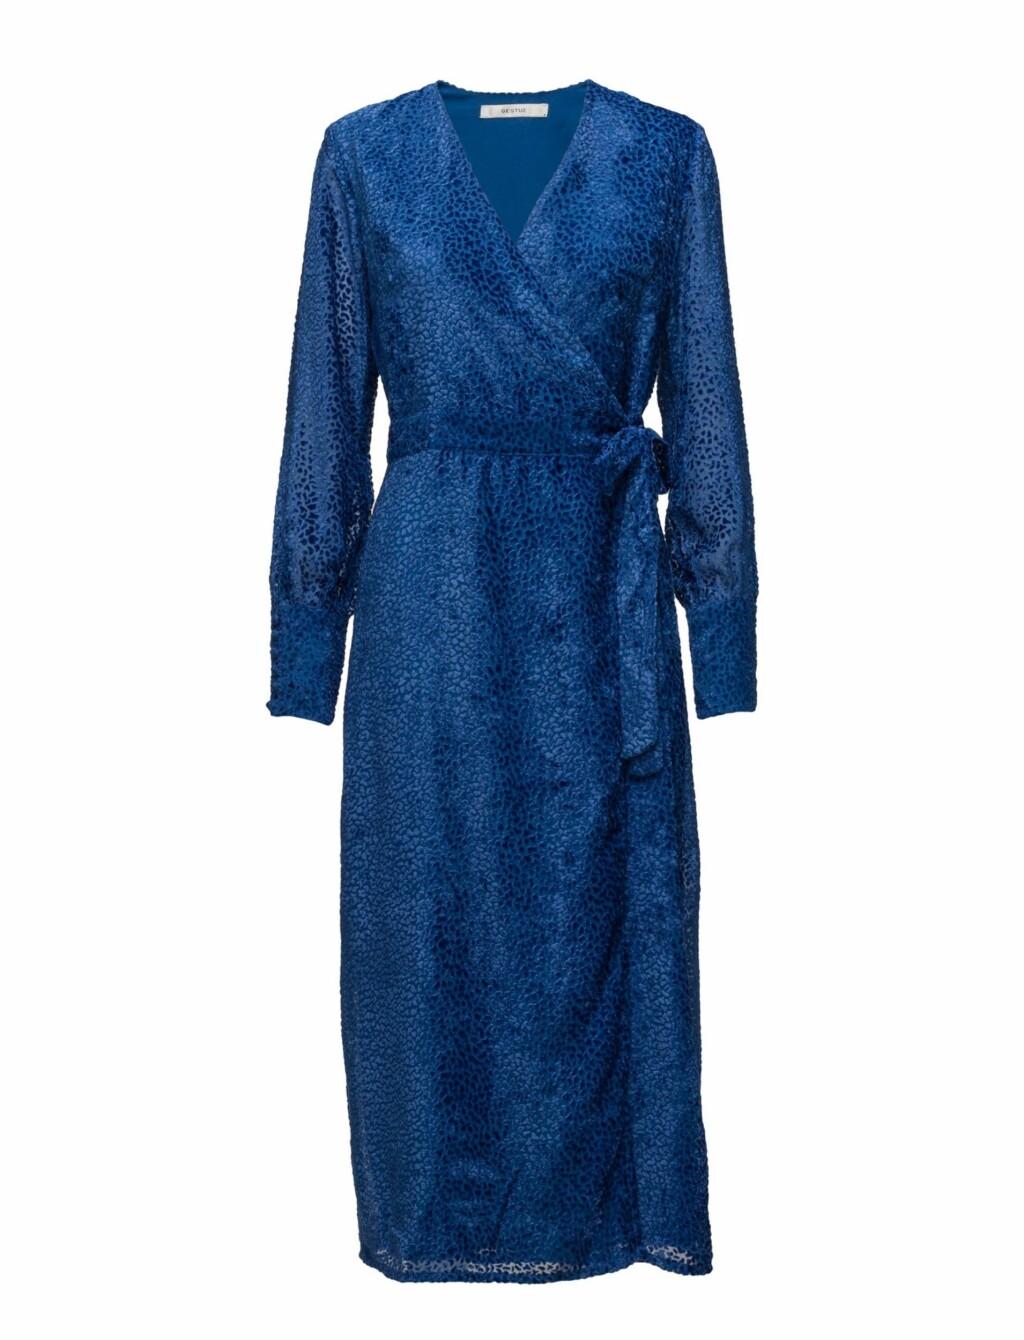 Kjole fra Gestuz via Boozt.com |2299,-